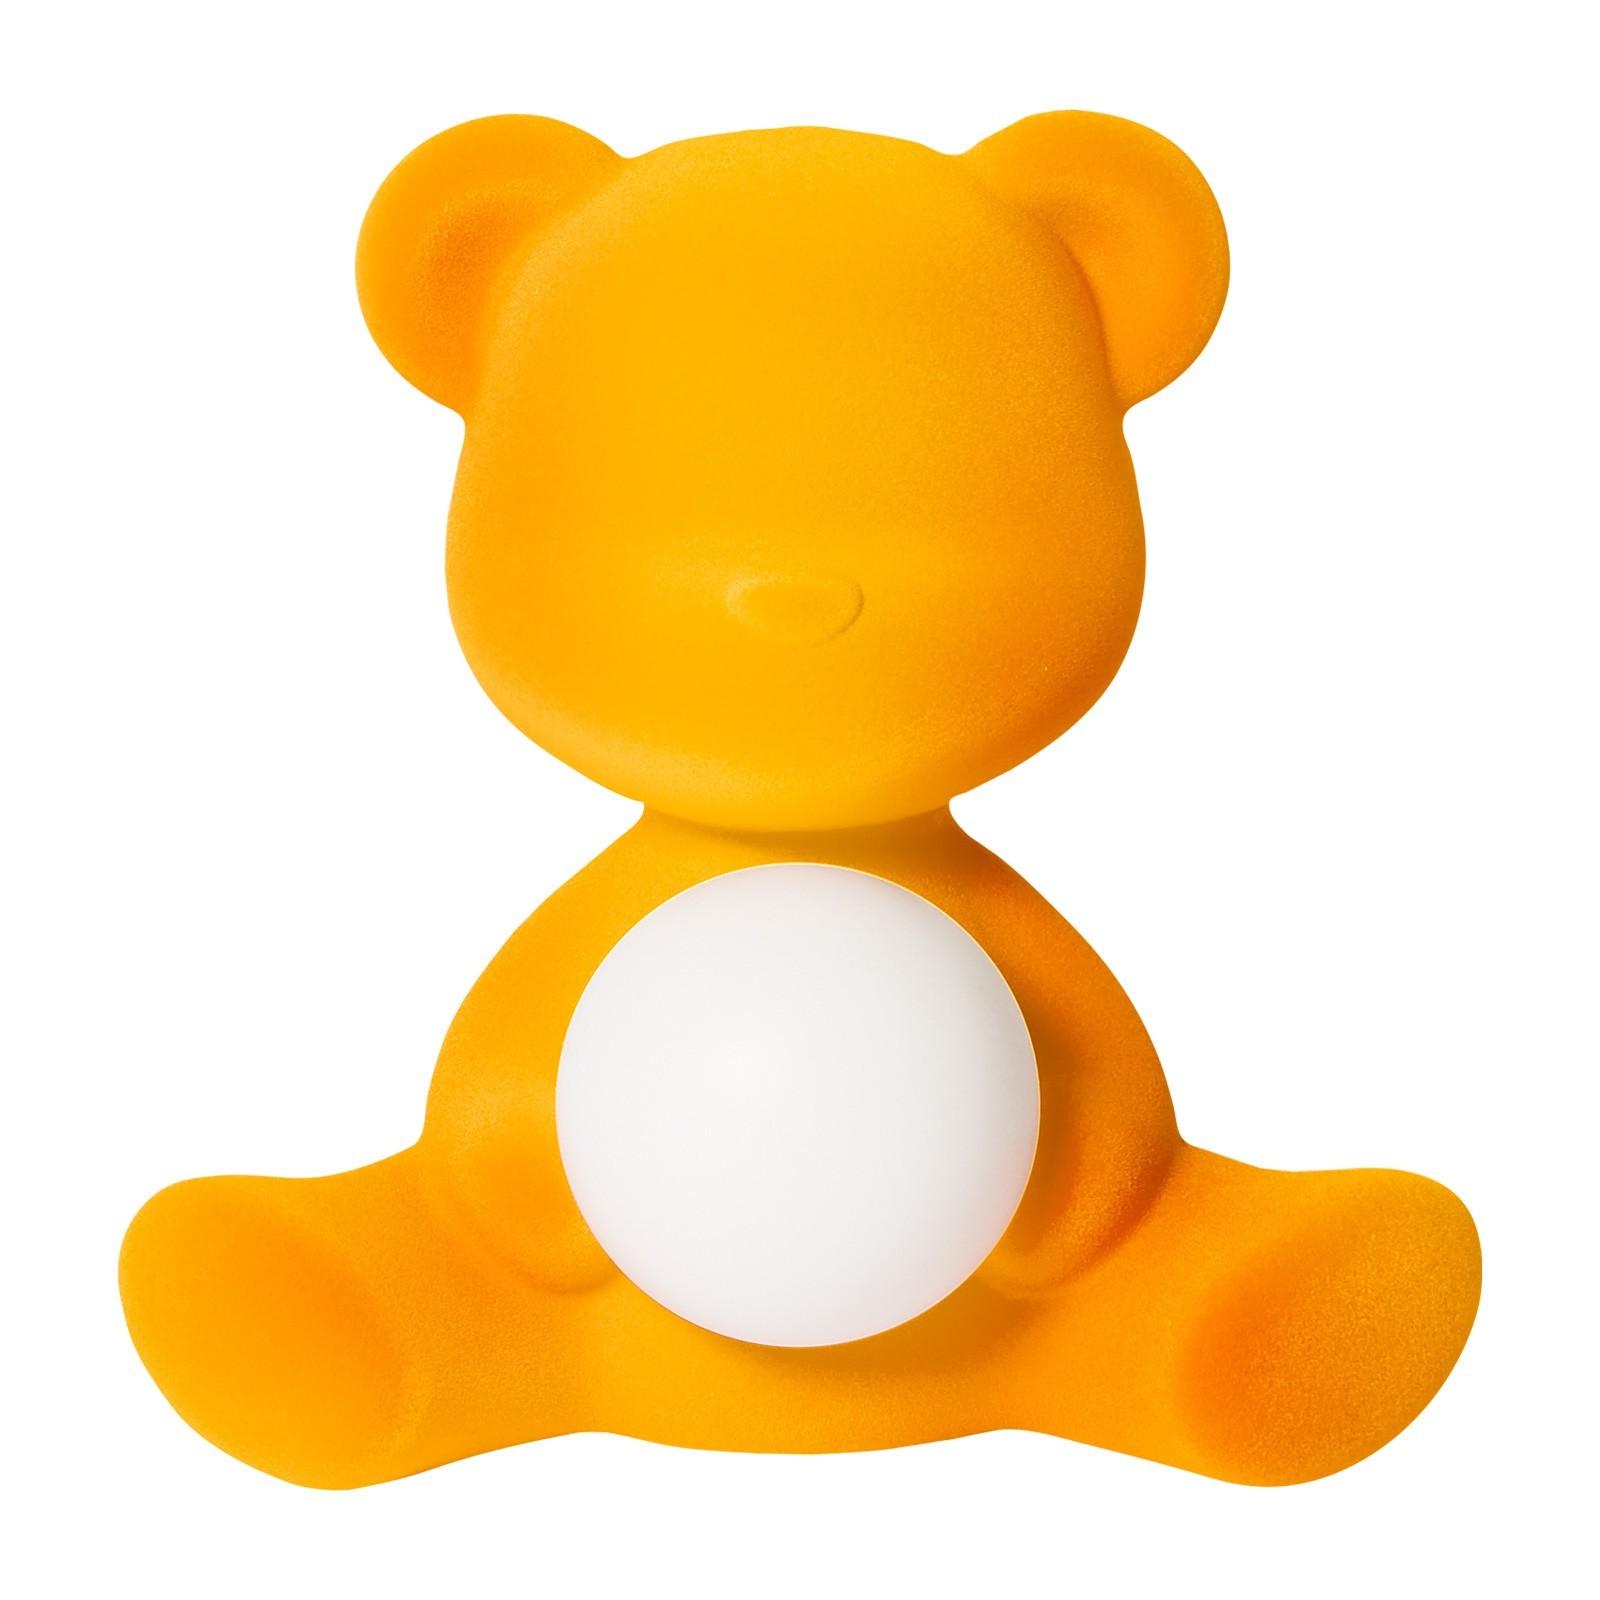 Qeeboo Teddy Girl Rechargeable LED Table Lamp, Dark Gold Velvet